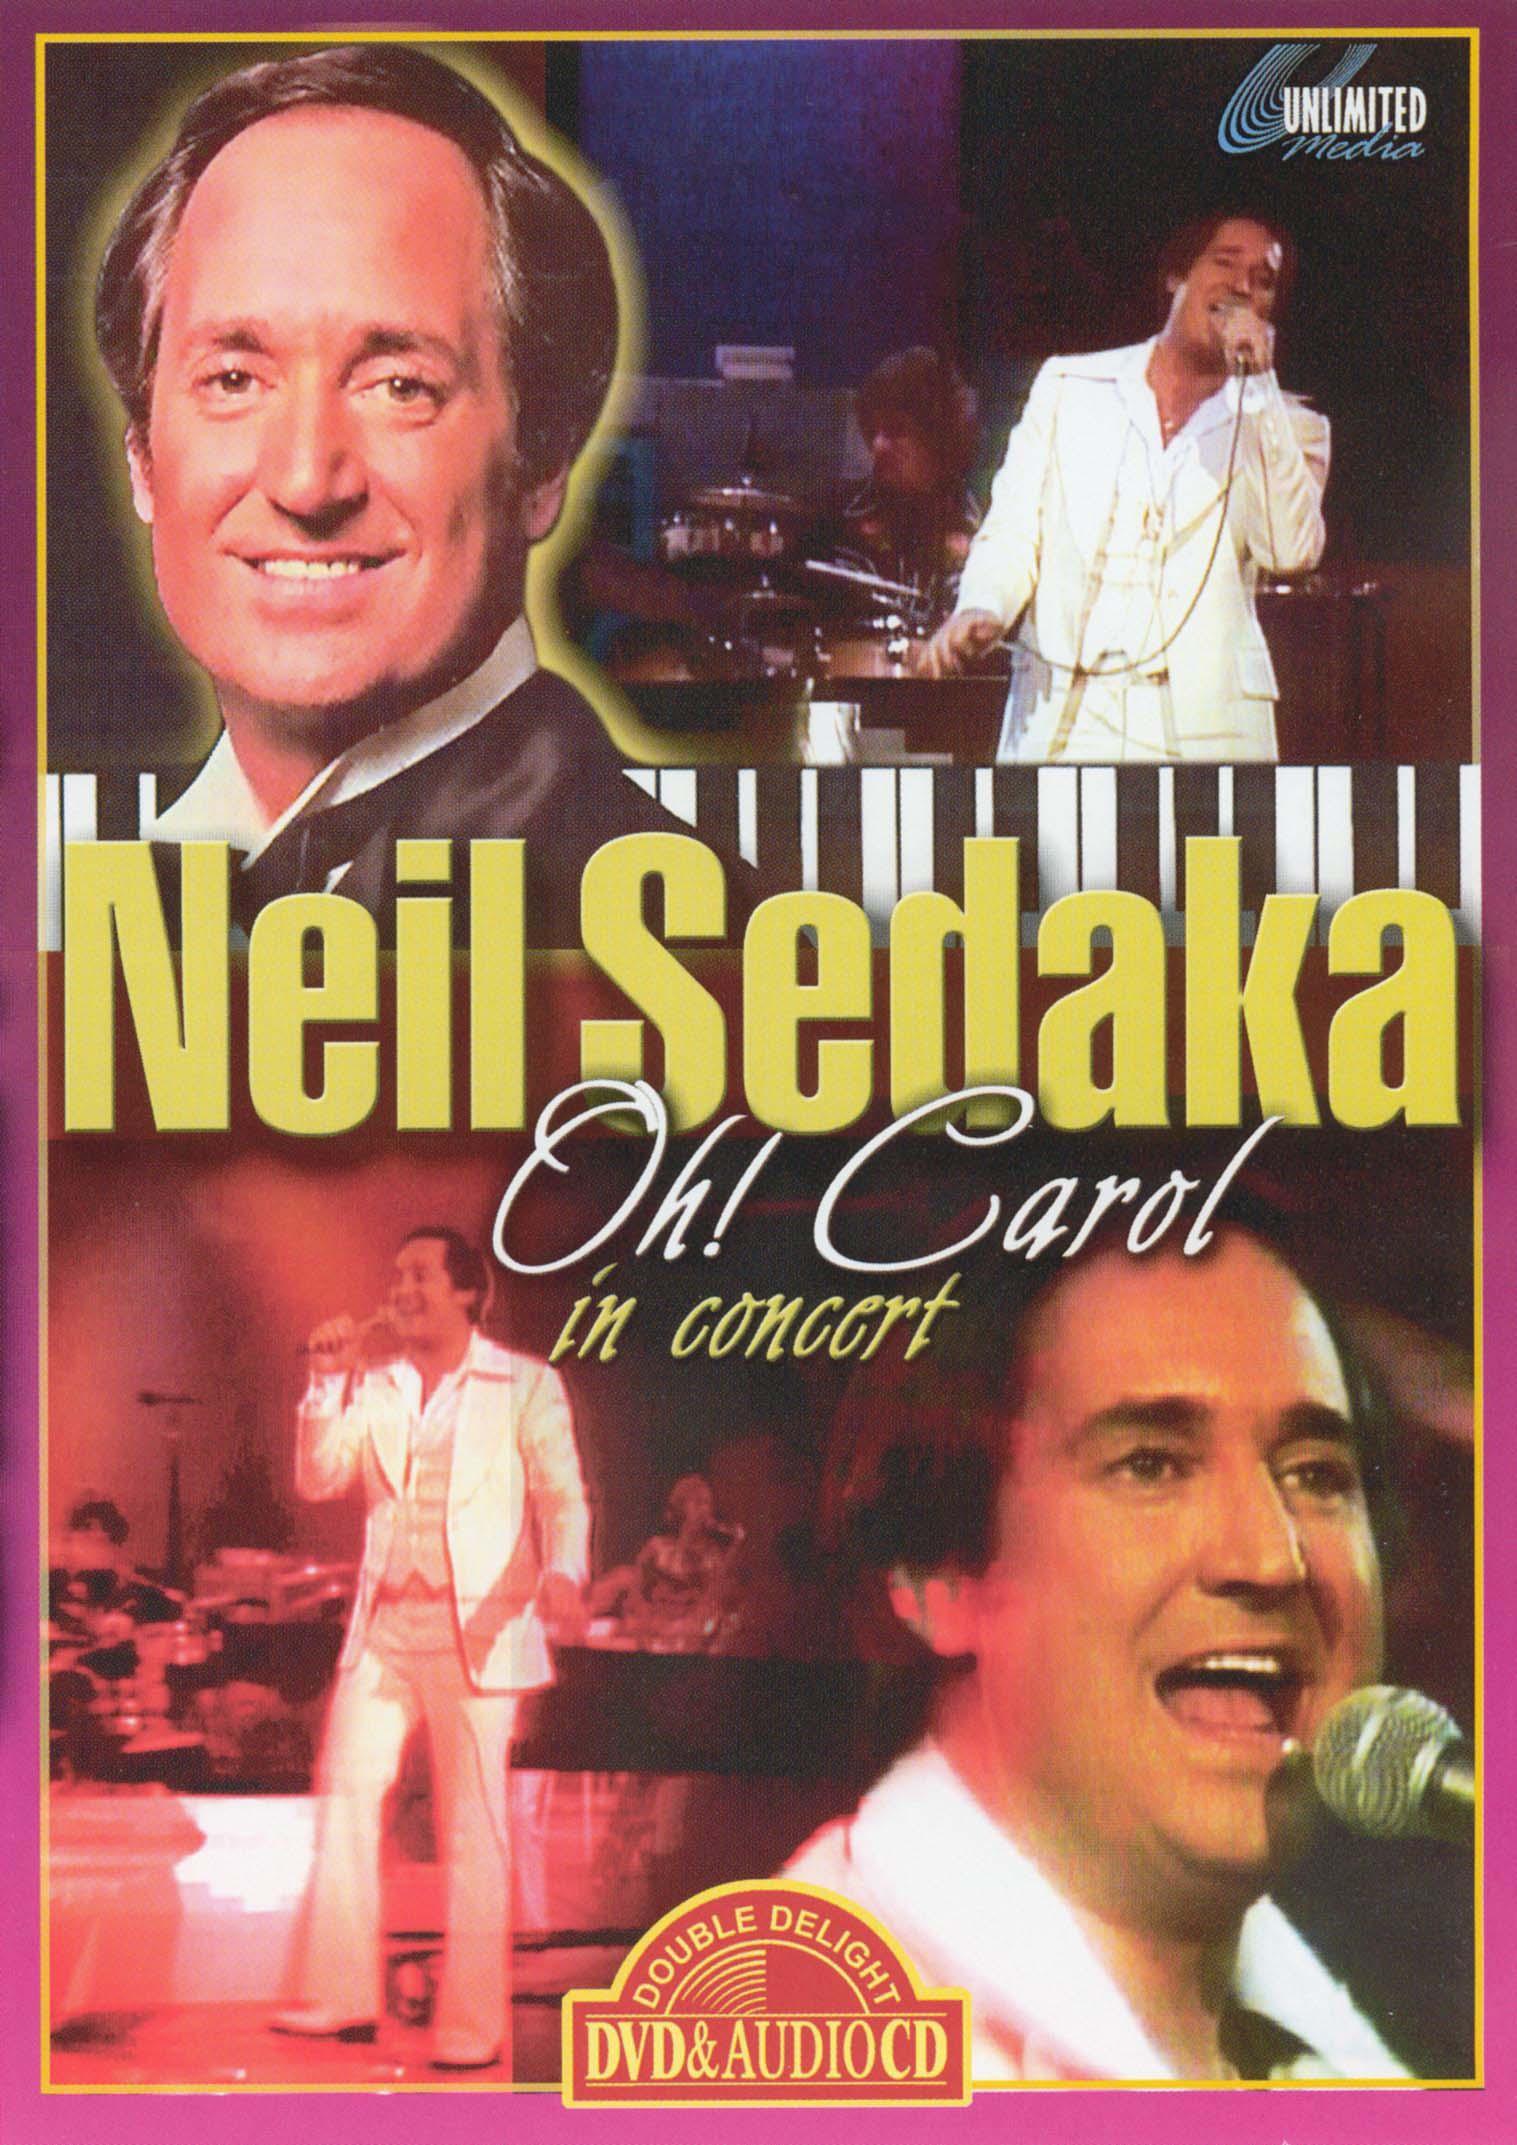 Neil Sedaka: Oh Carol - In Concert